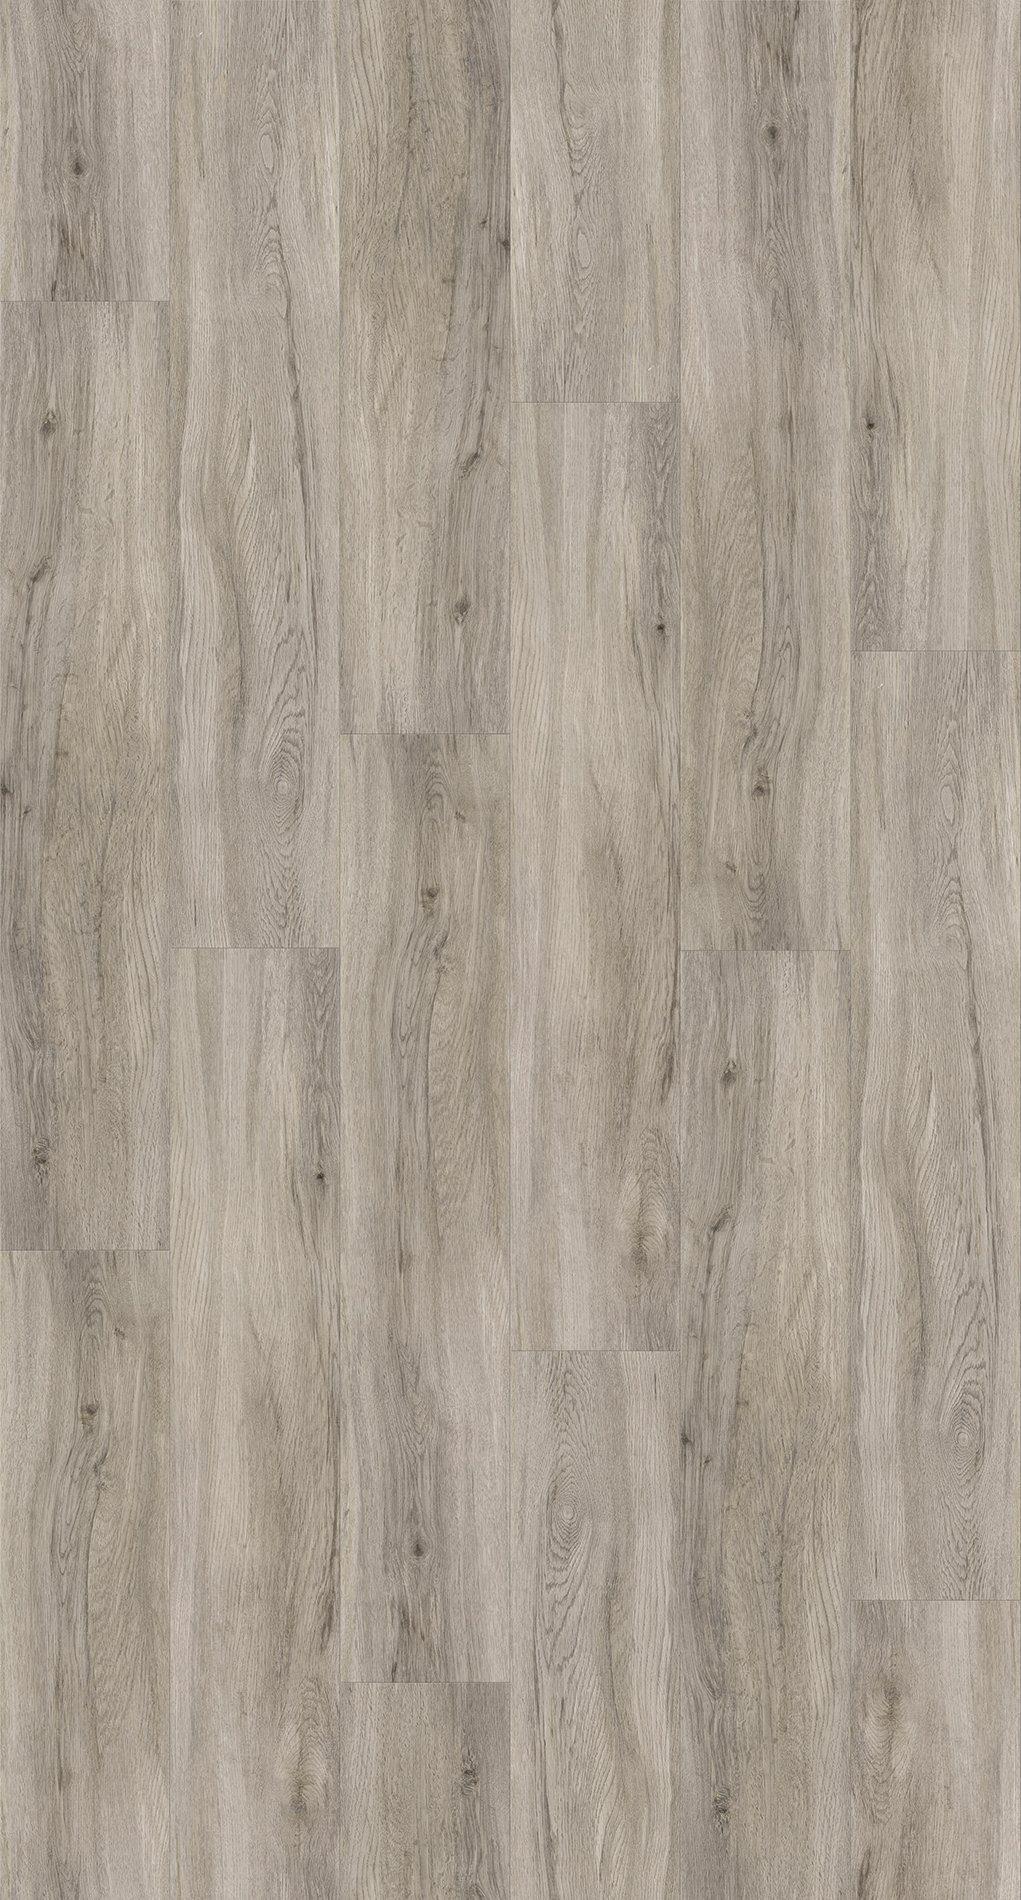 PARADOR Packung: Vinylboden »Basic 2.0 - Eiche pastellgrau«, 1226 x 229 x 2 mm, 4,5 m²